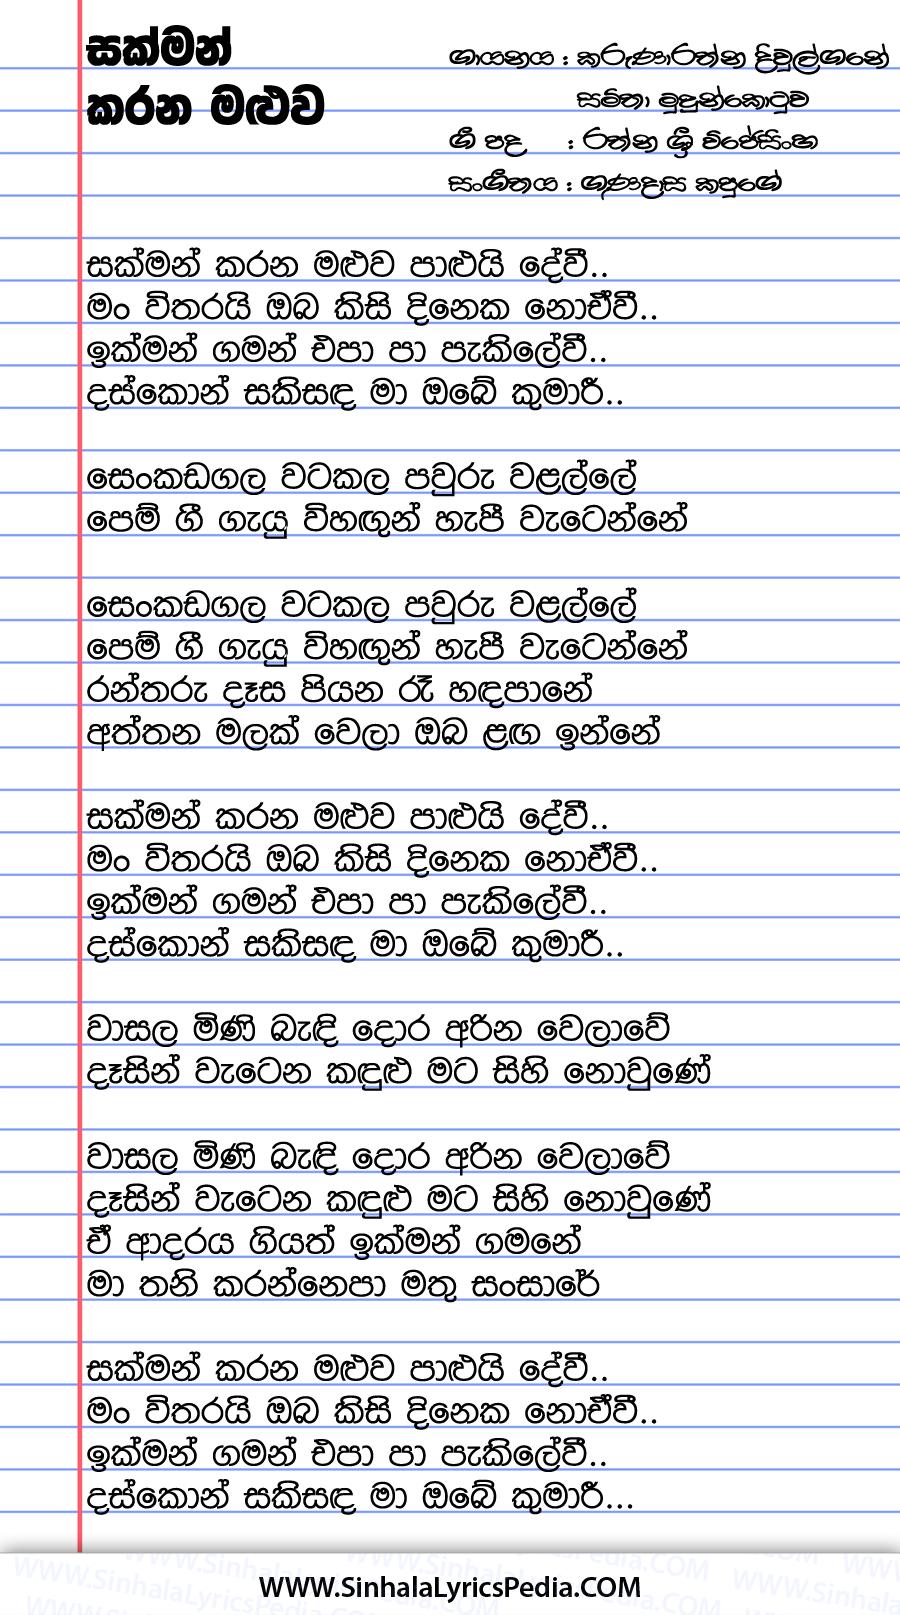 Sakman Karana Maluwa Song Lyrics